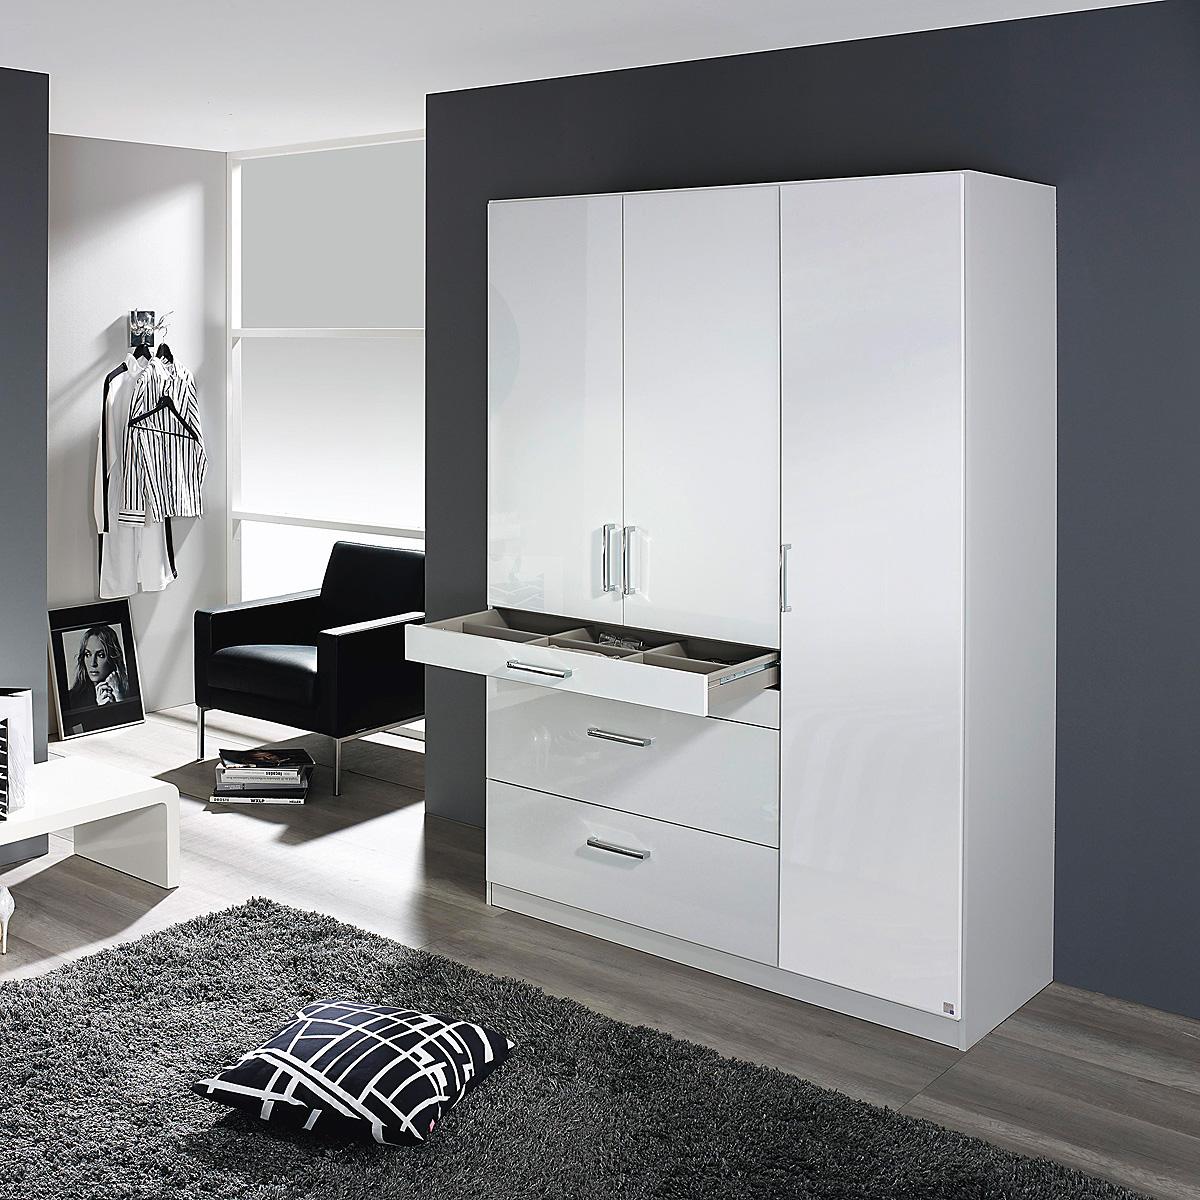 Kleiderschrank Homburg Schrank Schlafzimmerschrank in weiß ...